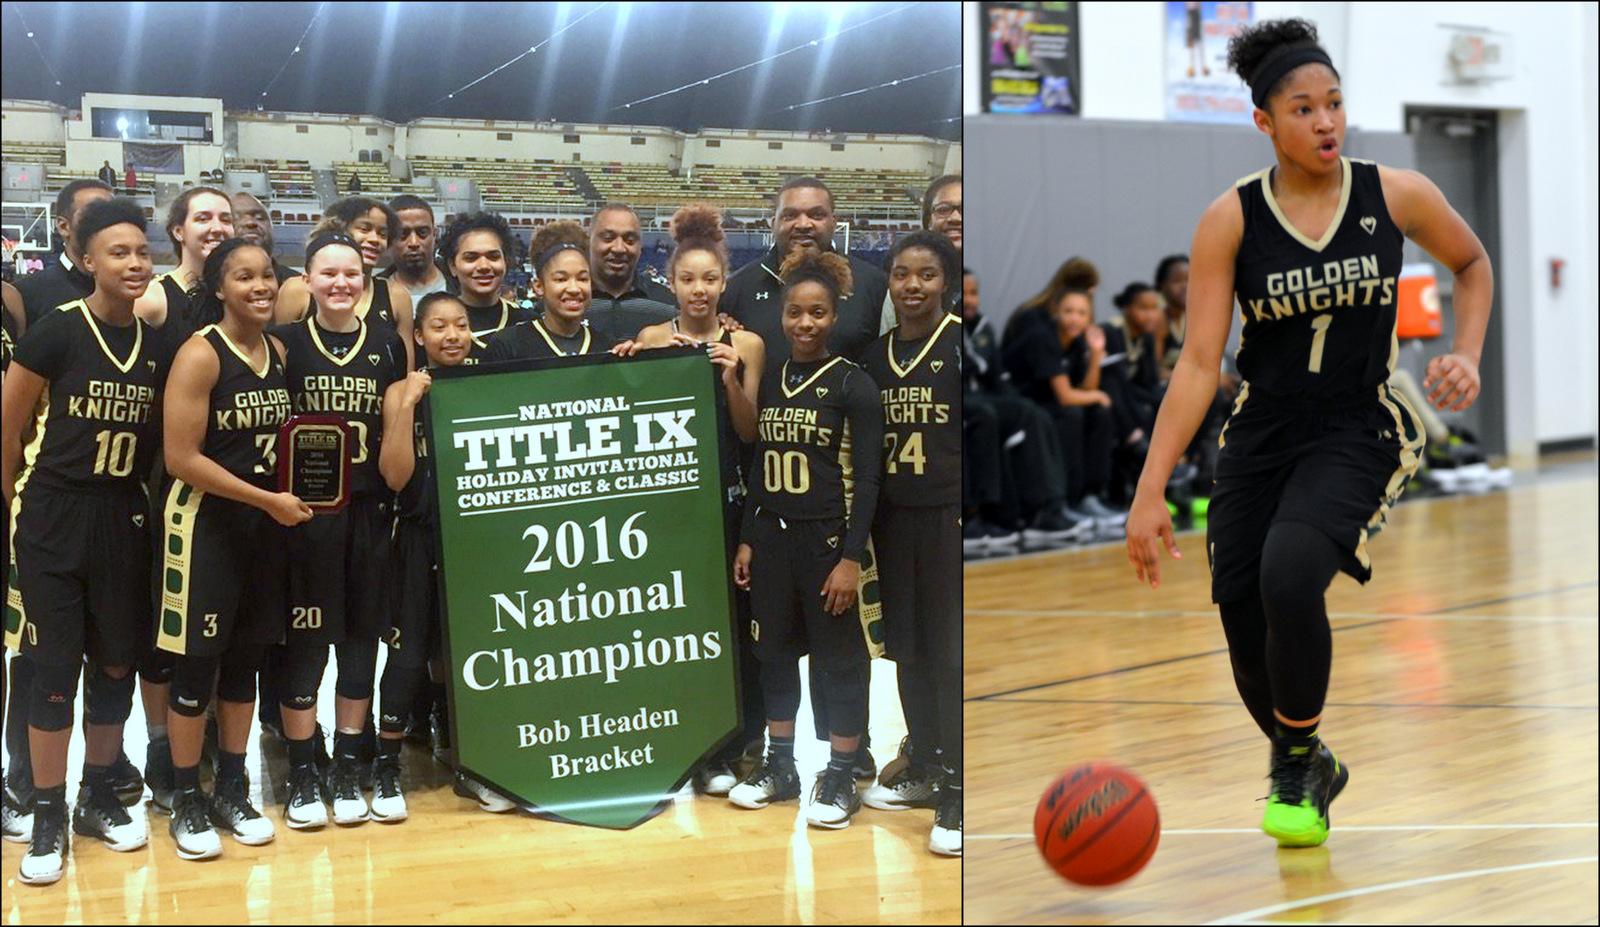 Title IX Champions 2016